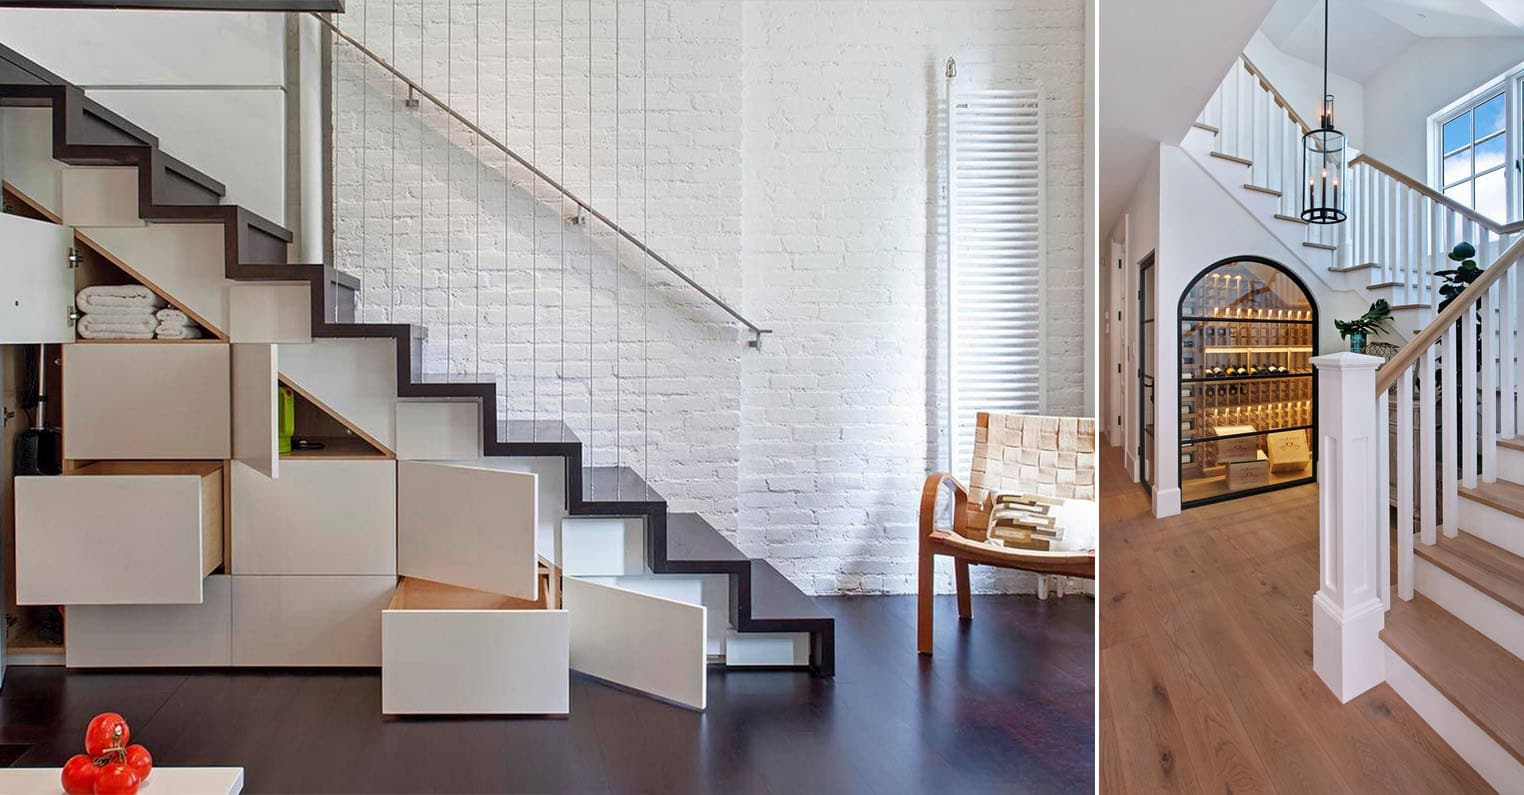 Ajouter Une Étagère Dans Un Placard aménagement sous escalier : 33 idées, photos et astuces